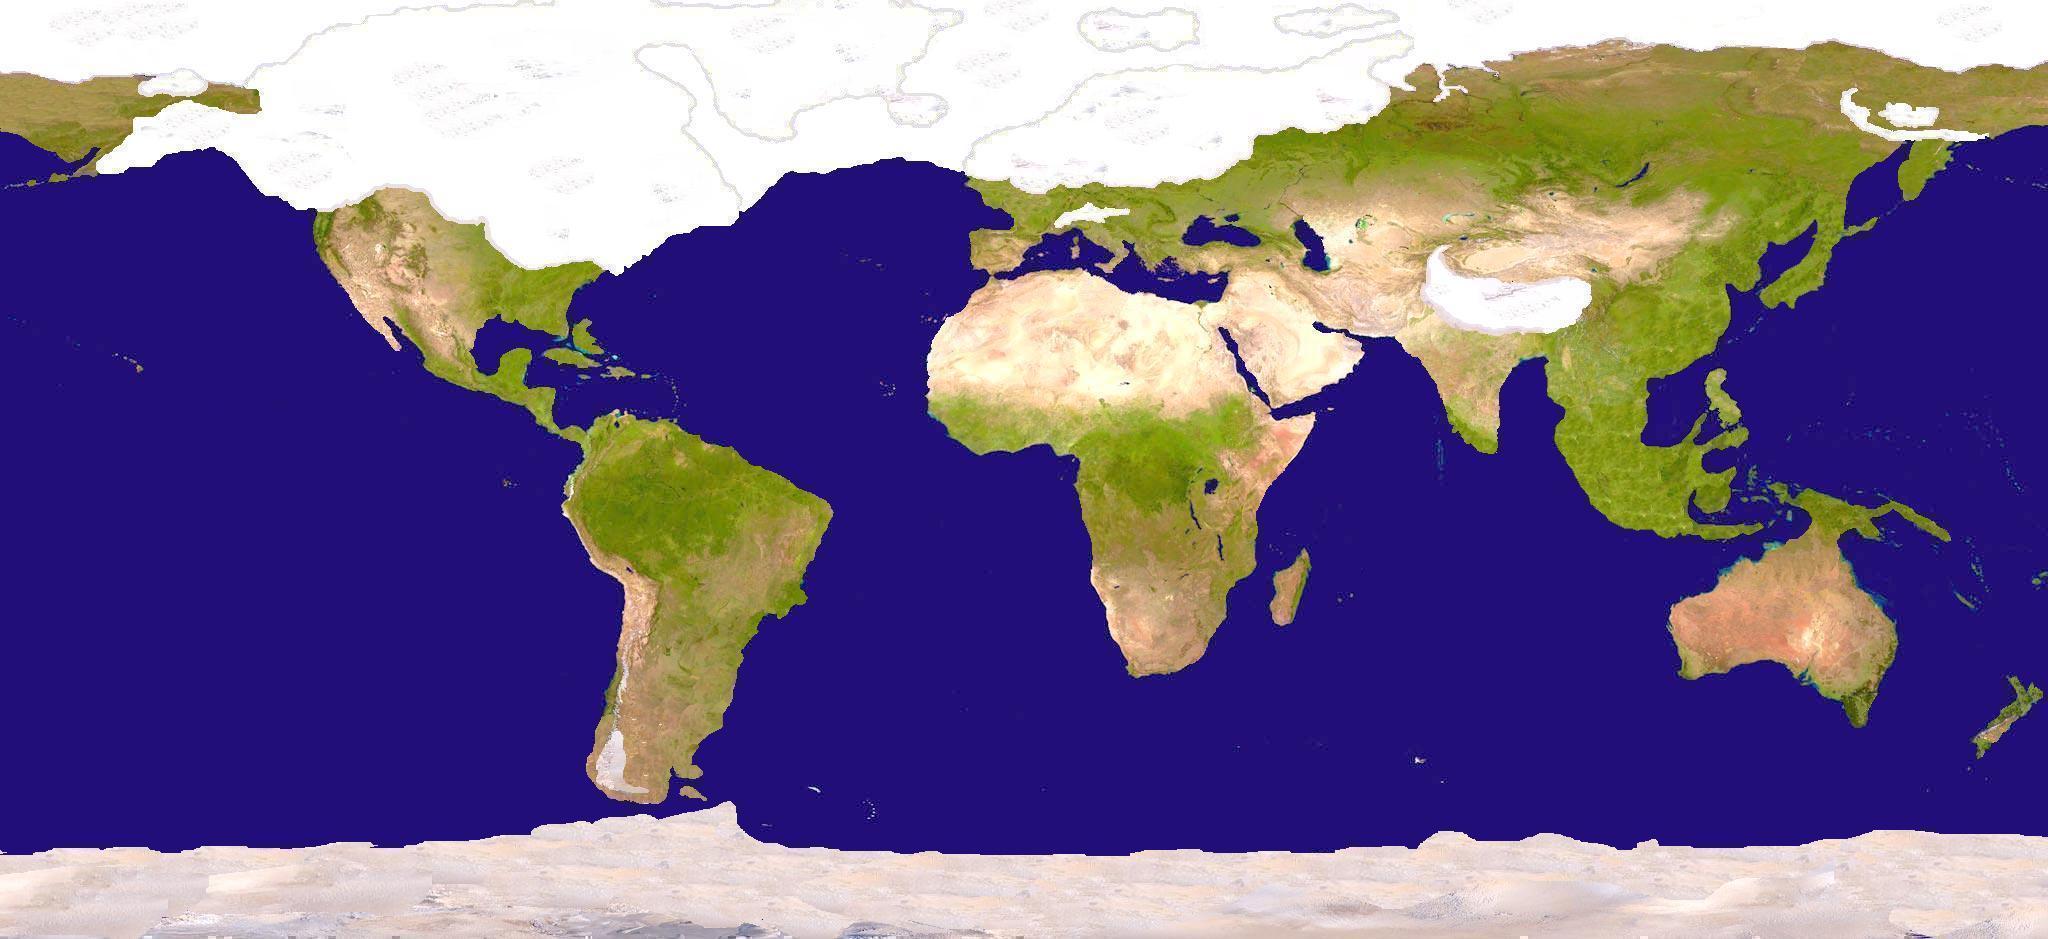 ice age world map by fenn o manicjpg